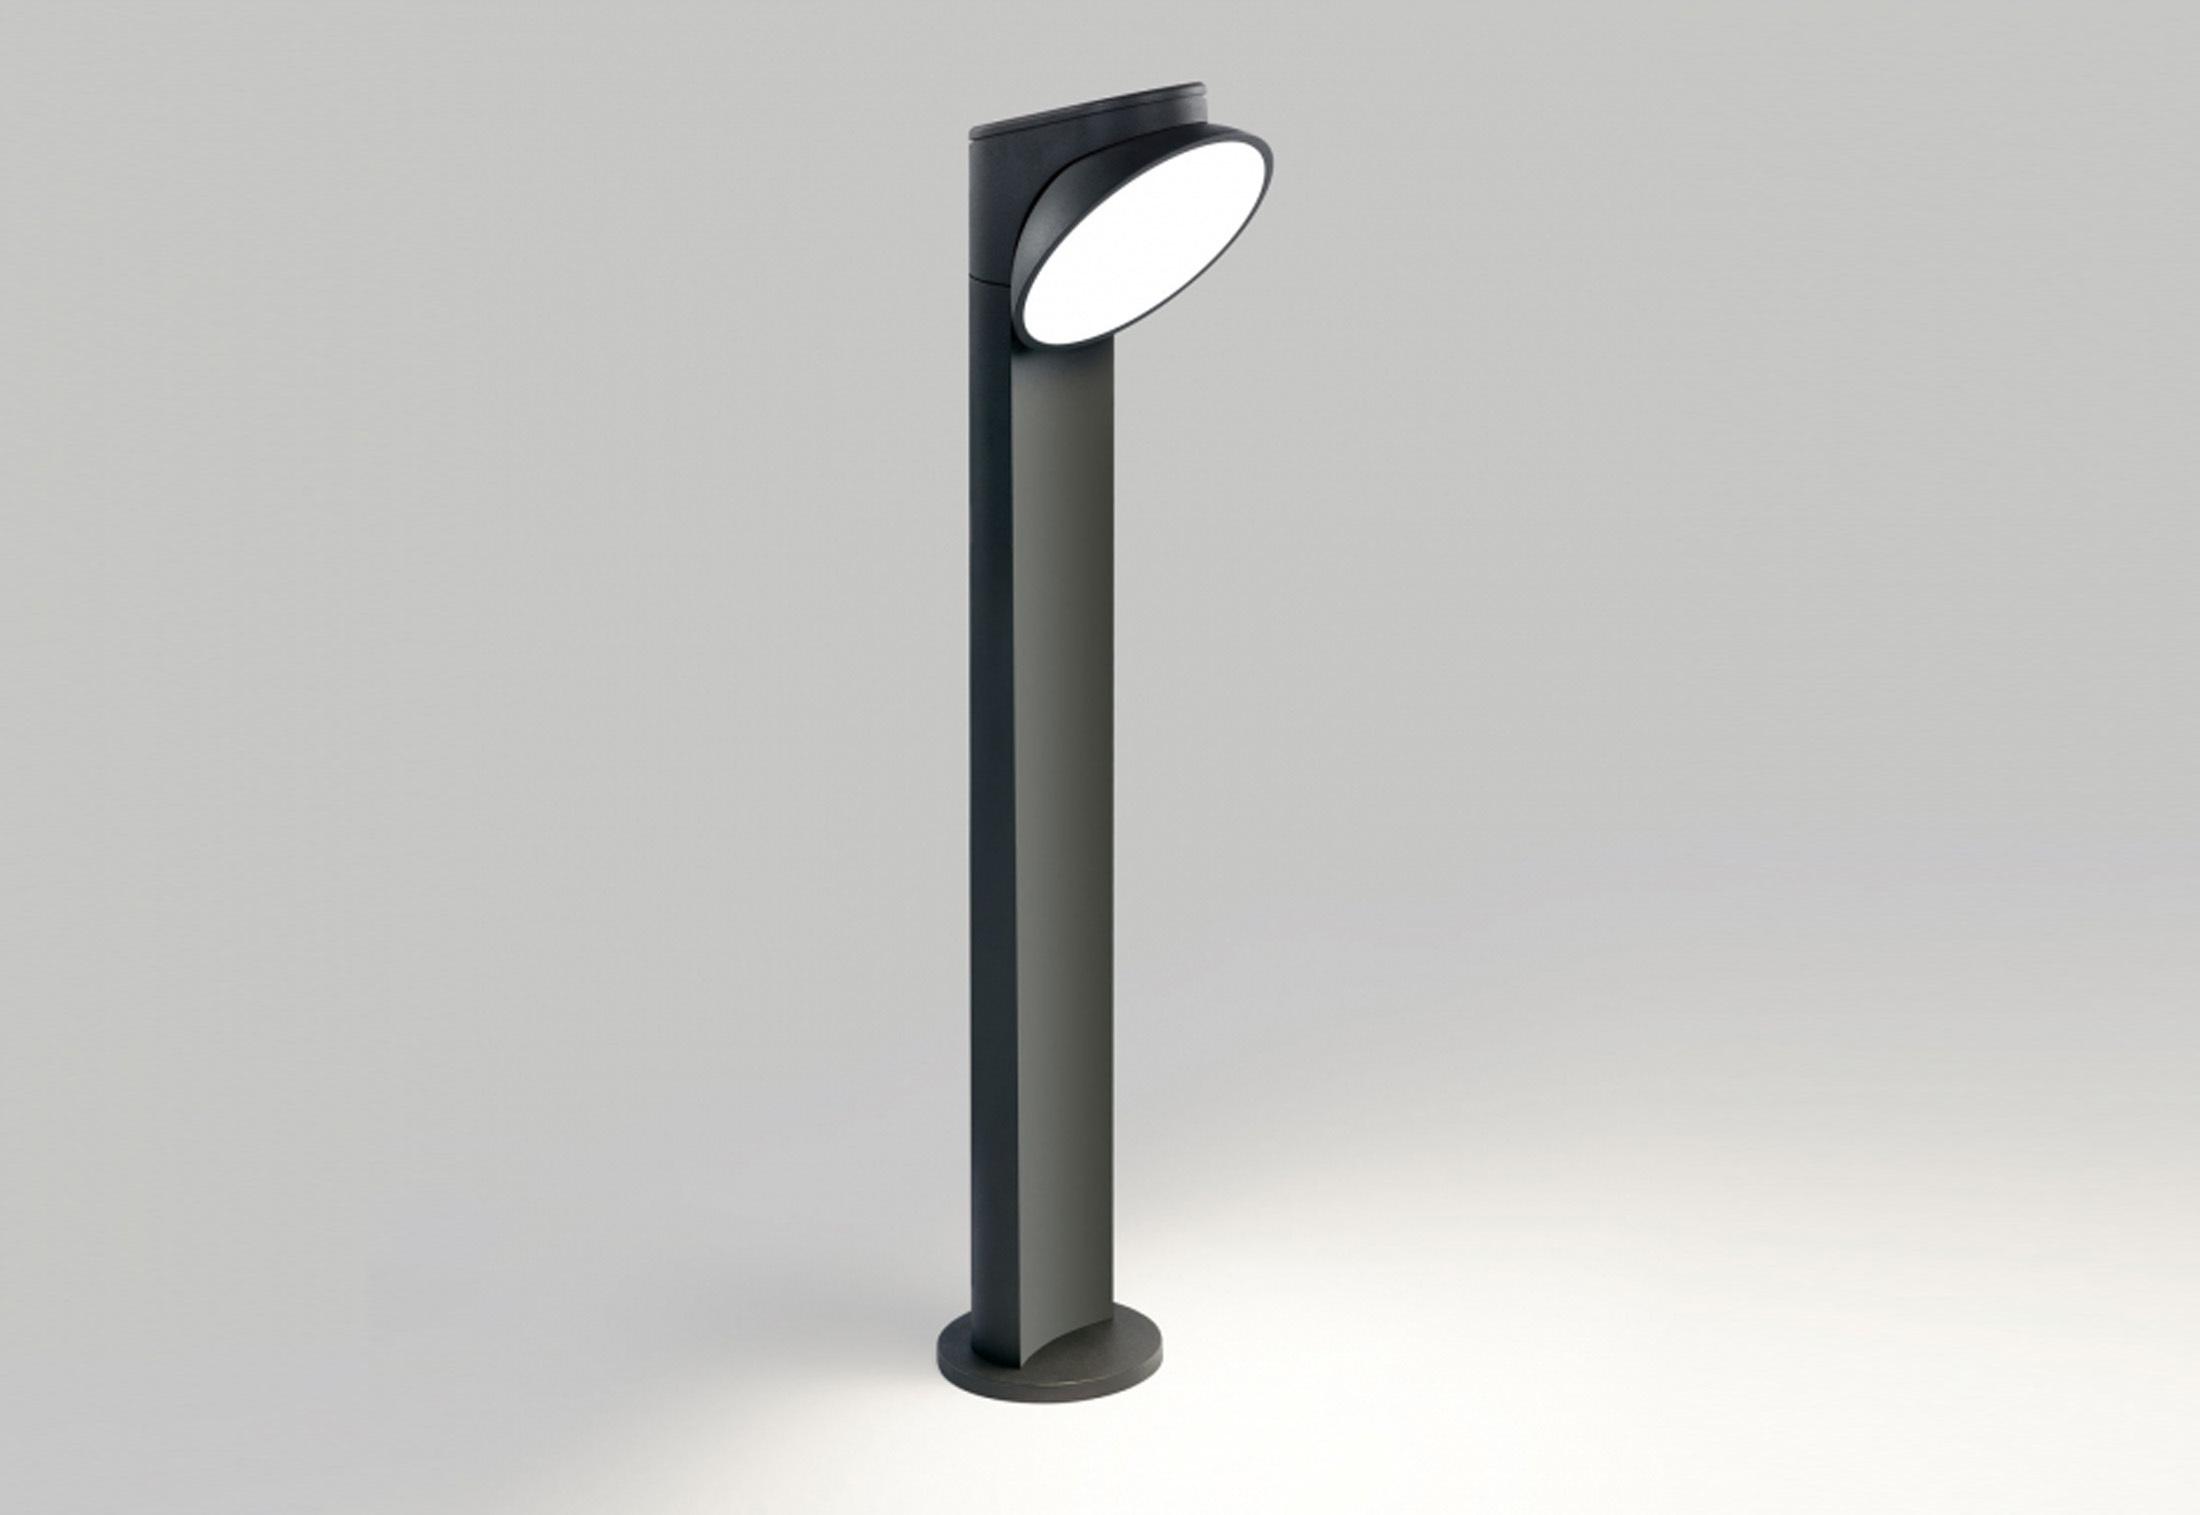 Tweeter Xp Von Delta Light Stylepark